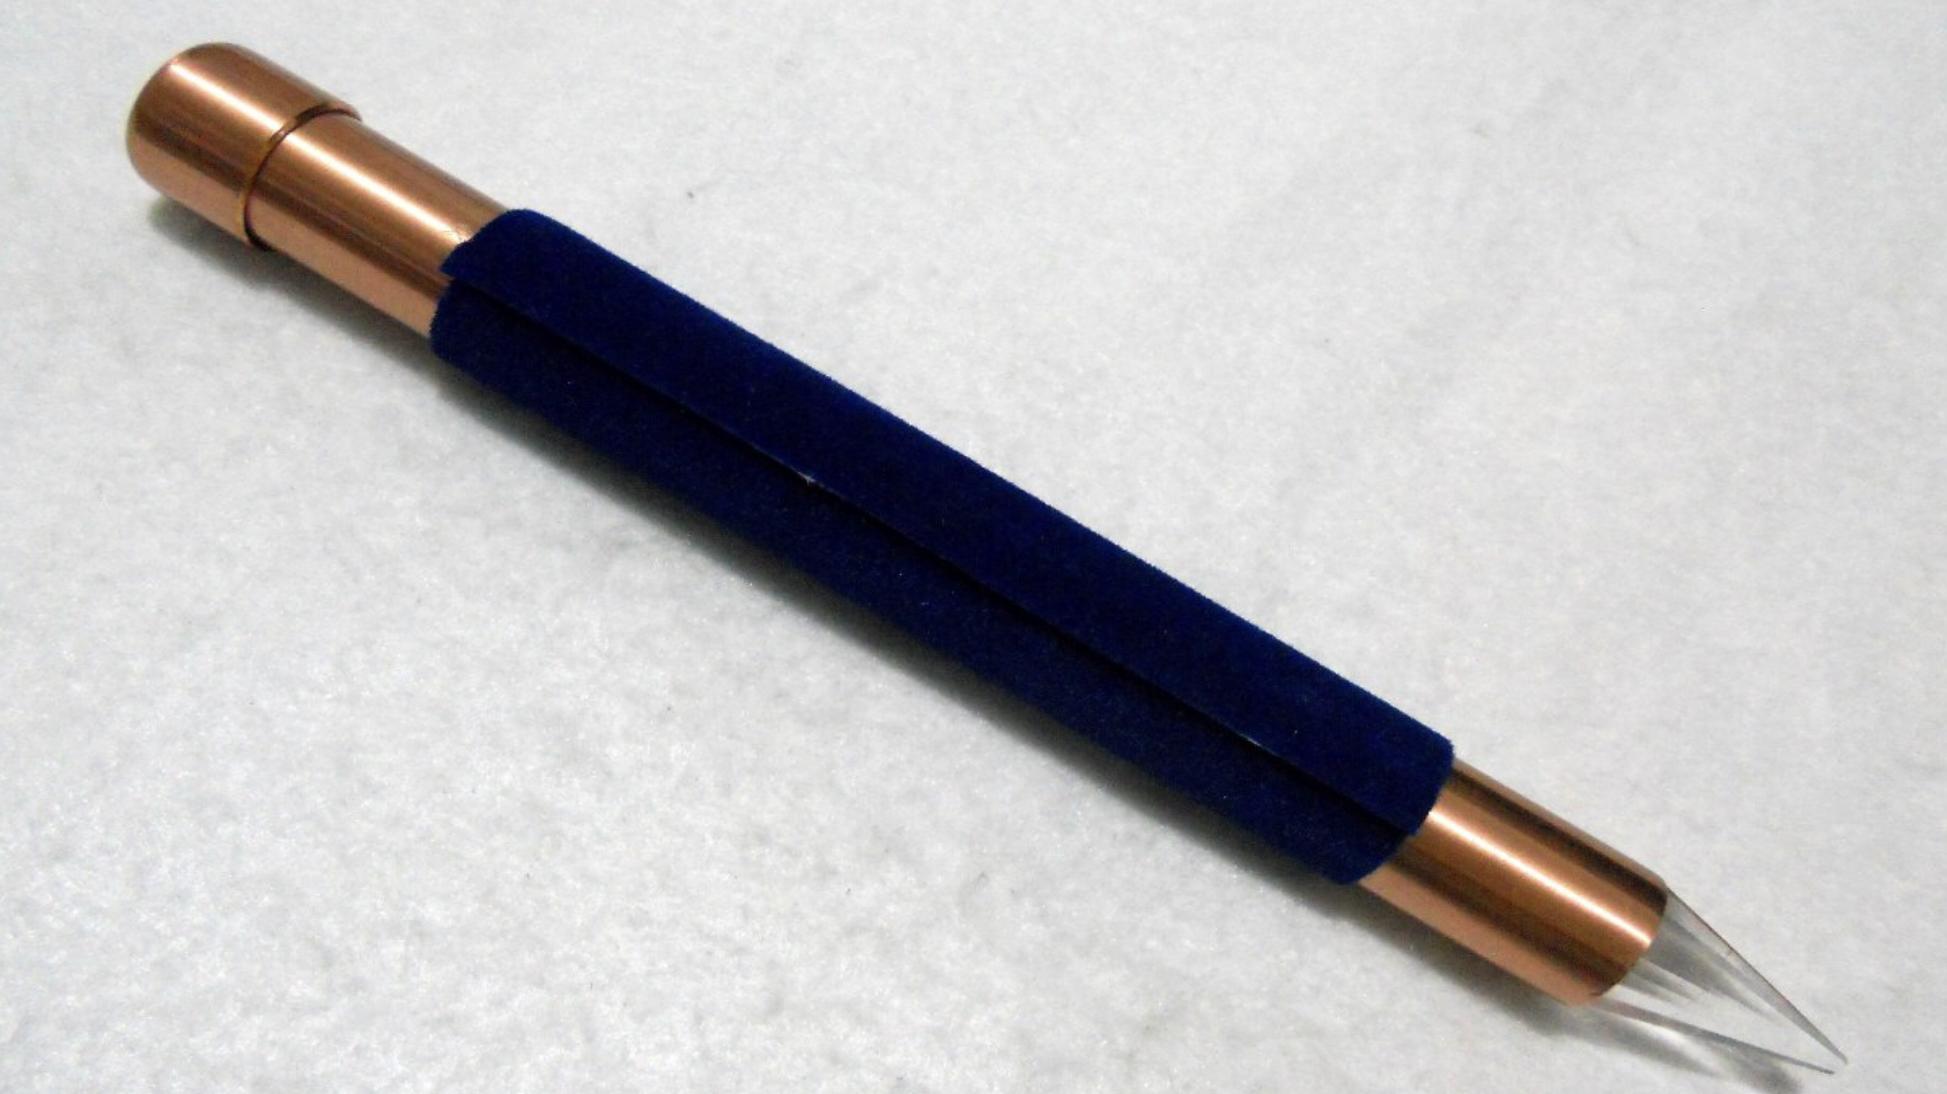 Bastão feito de cobre, com cristal na ponta